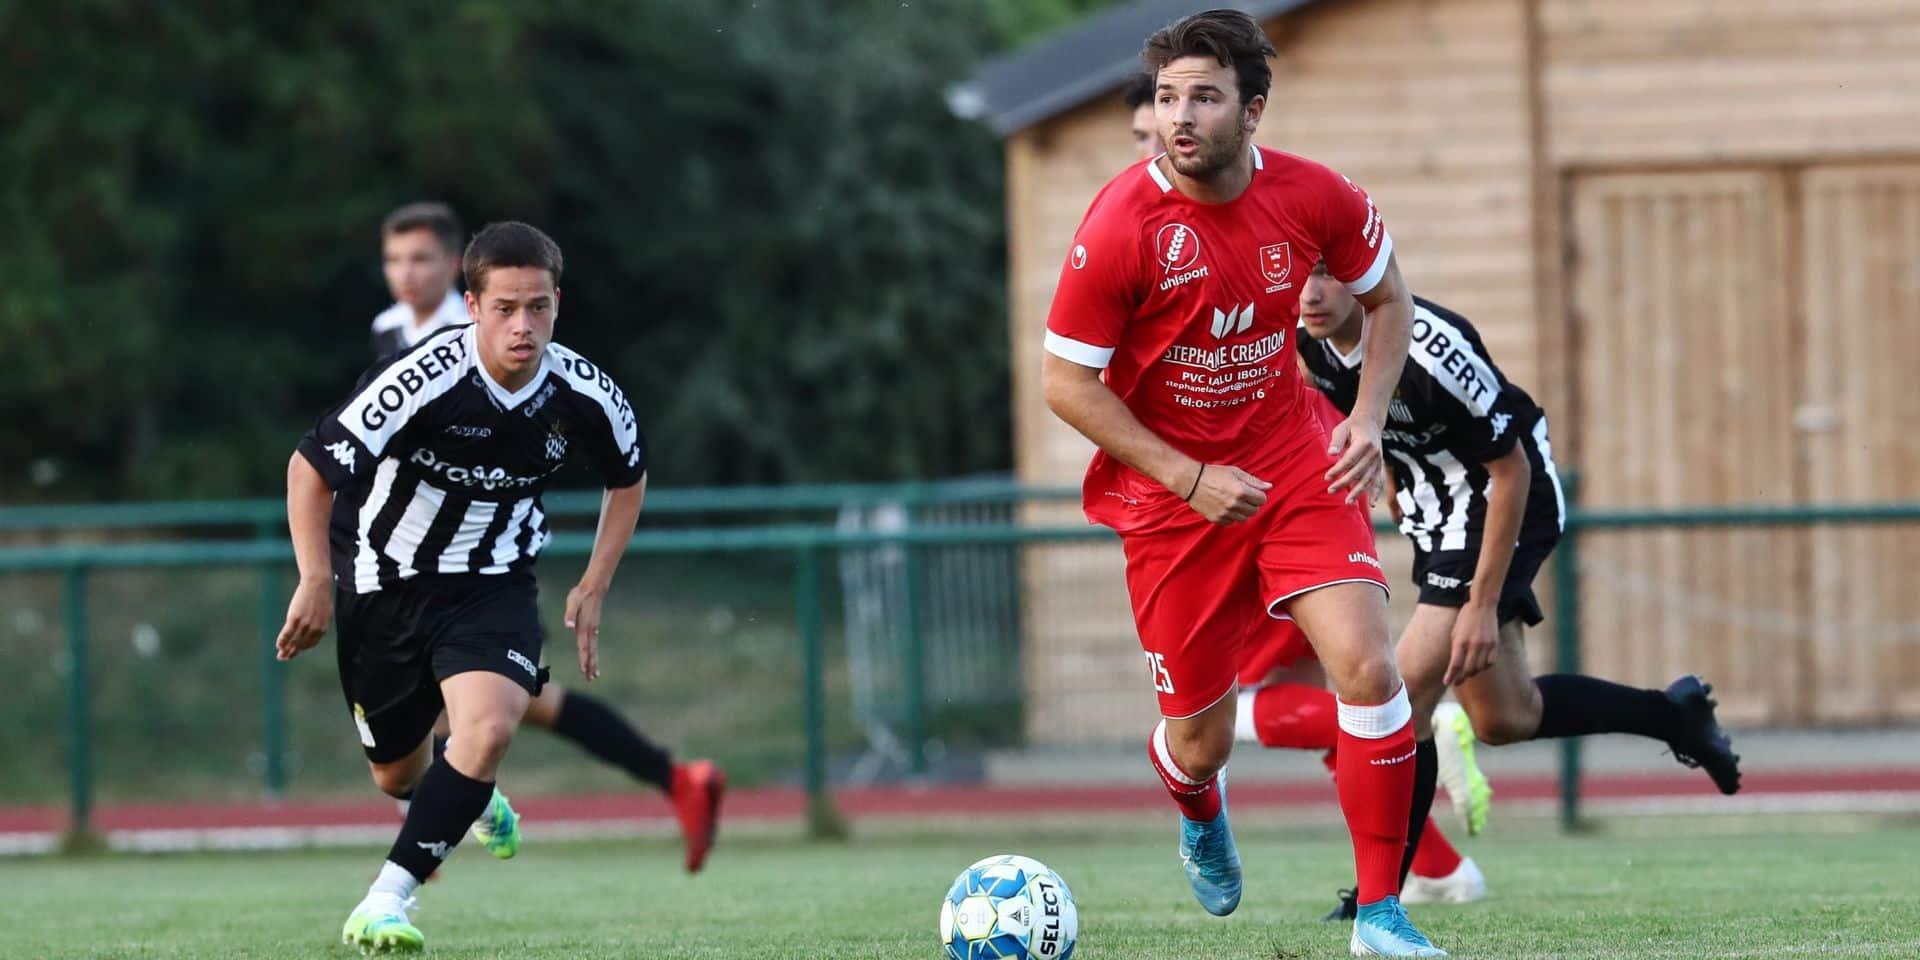 Mathias Larotonda quitte le Stade Brainois et s'engage à Perwez, en P2